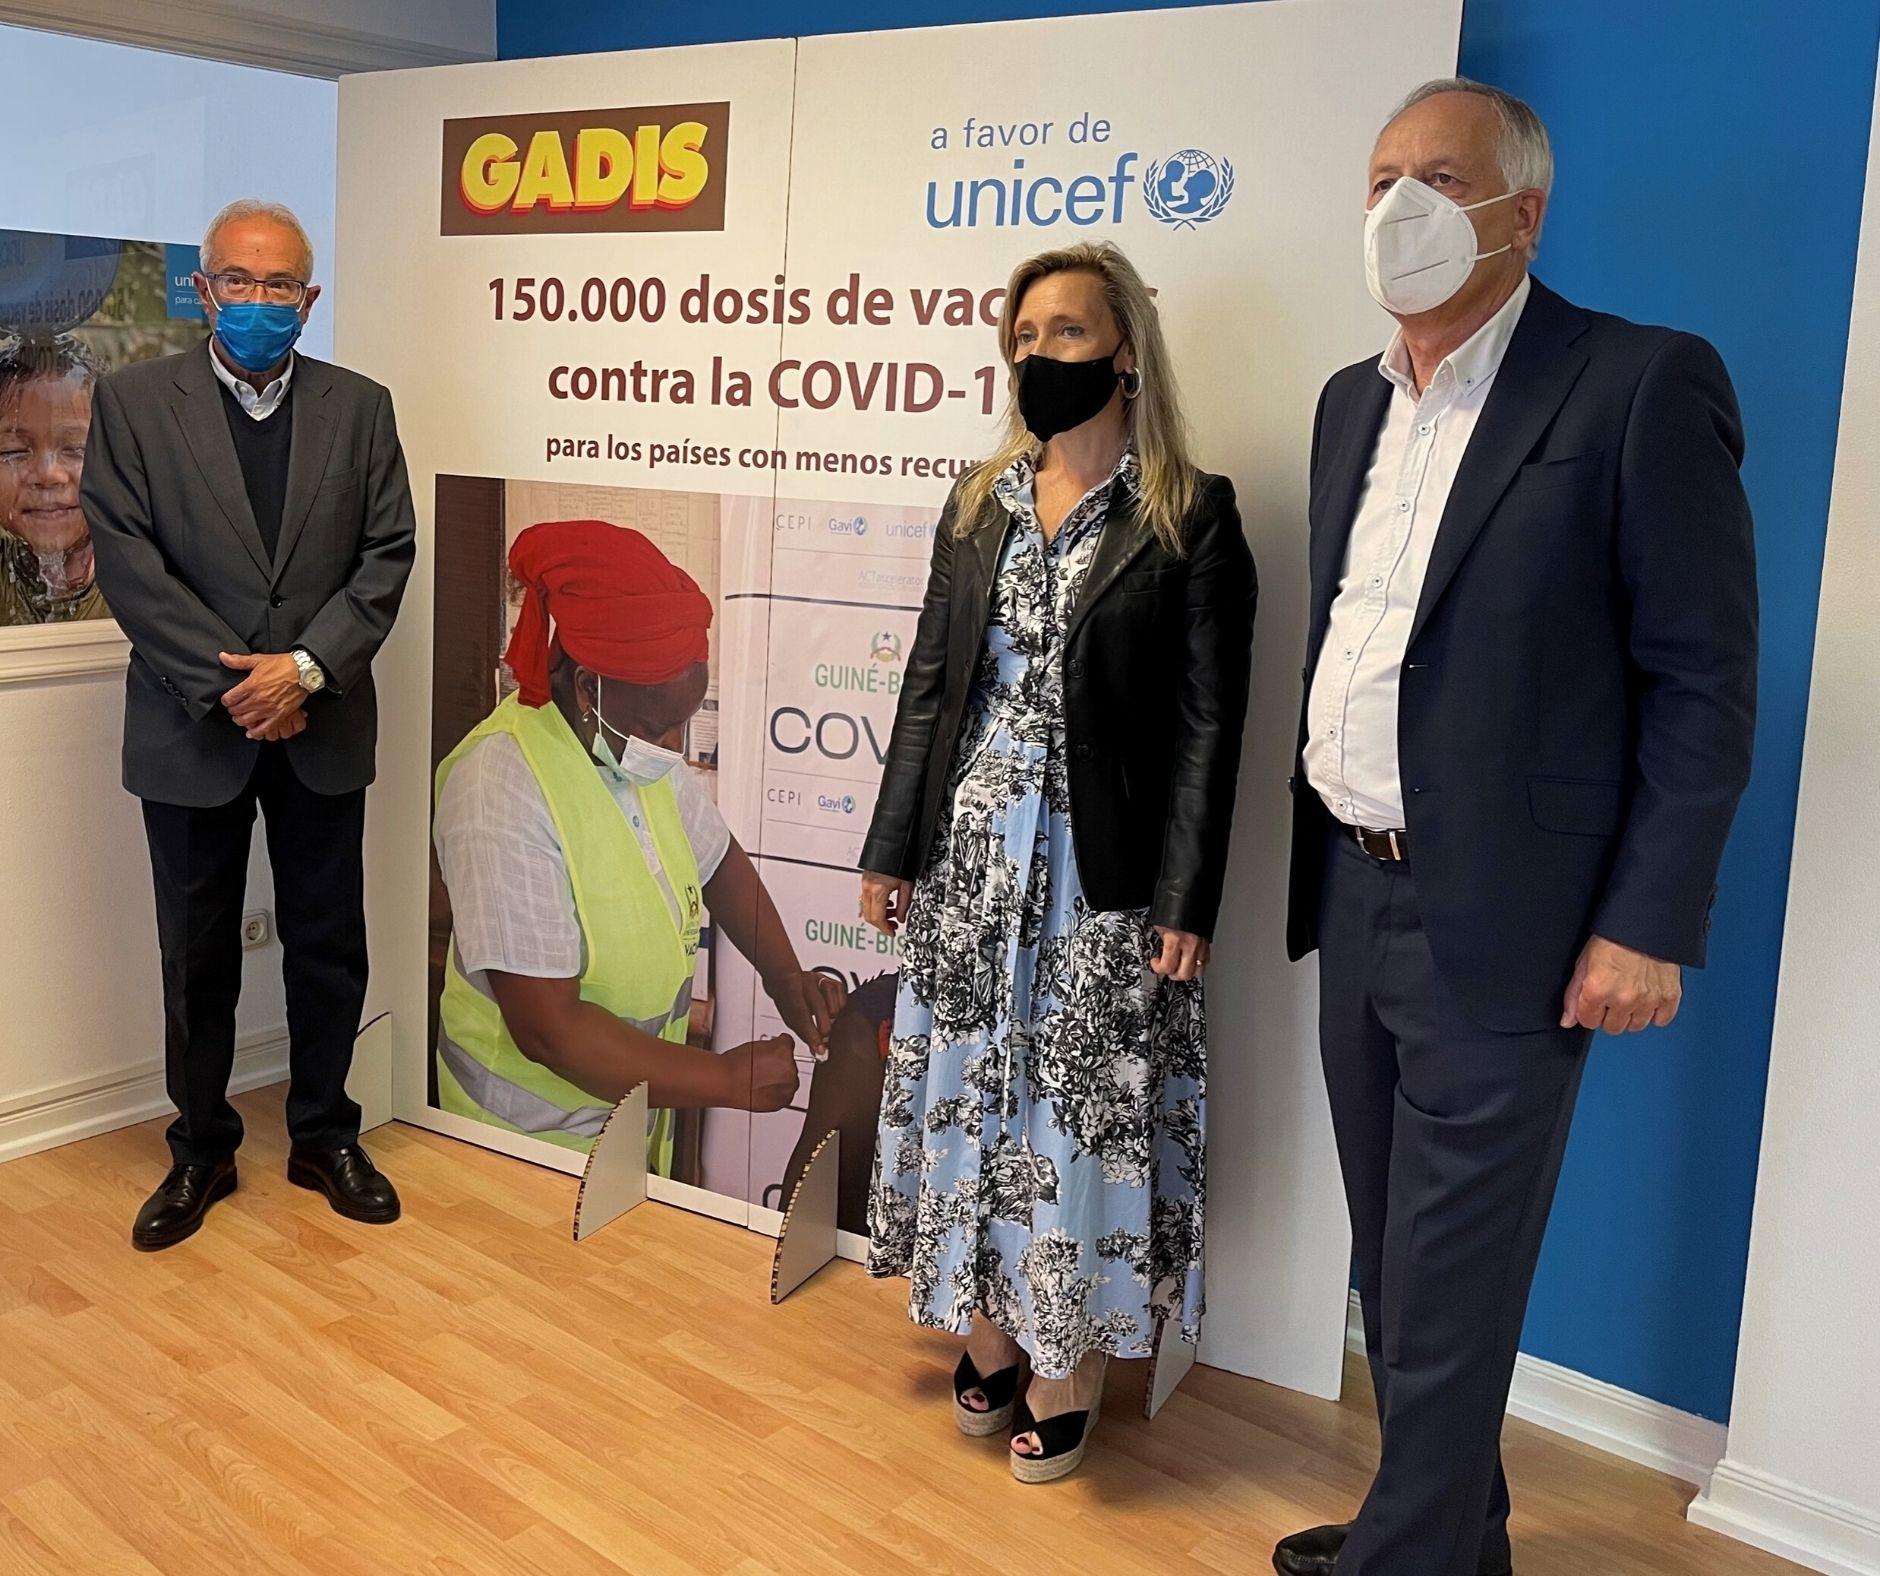 COLABORAMOS CON UNICEF PARA ENVIAR 150.000 VACUNAS CONTRA LA COVID-19 A PAÍSES CON MENOS RECURSOS